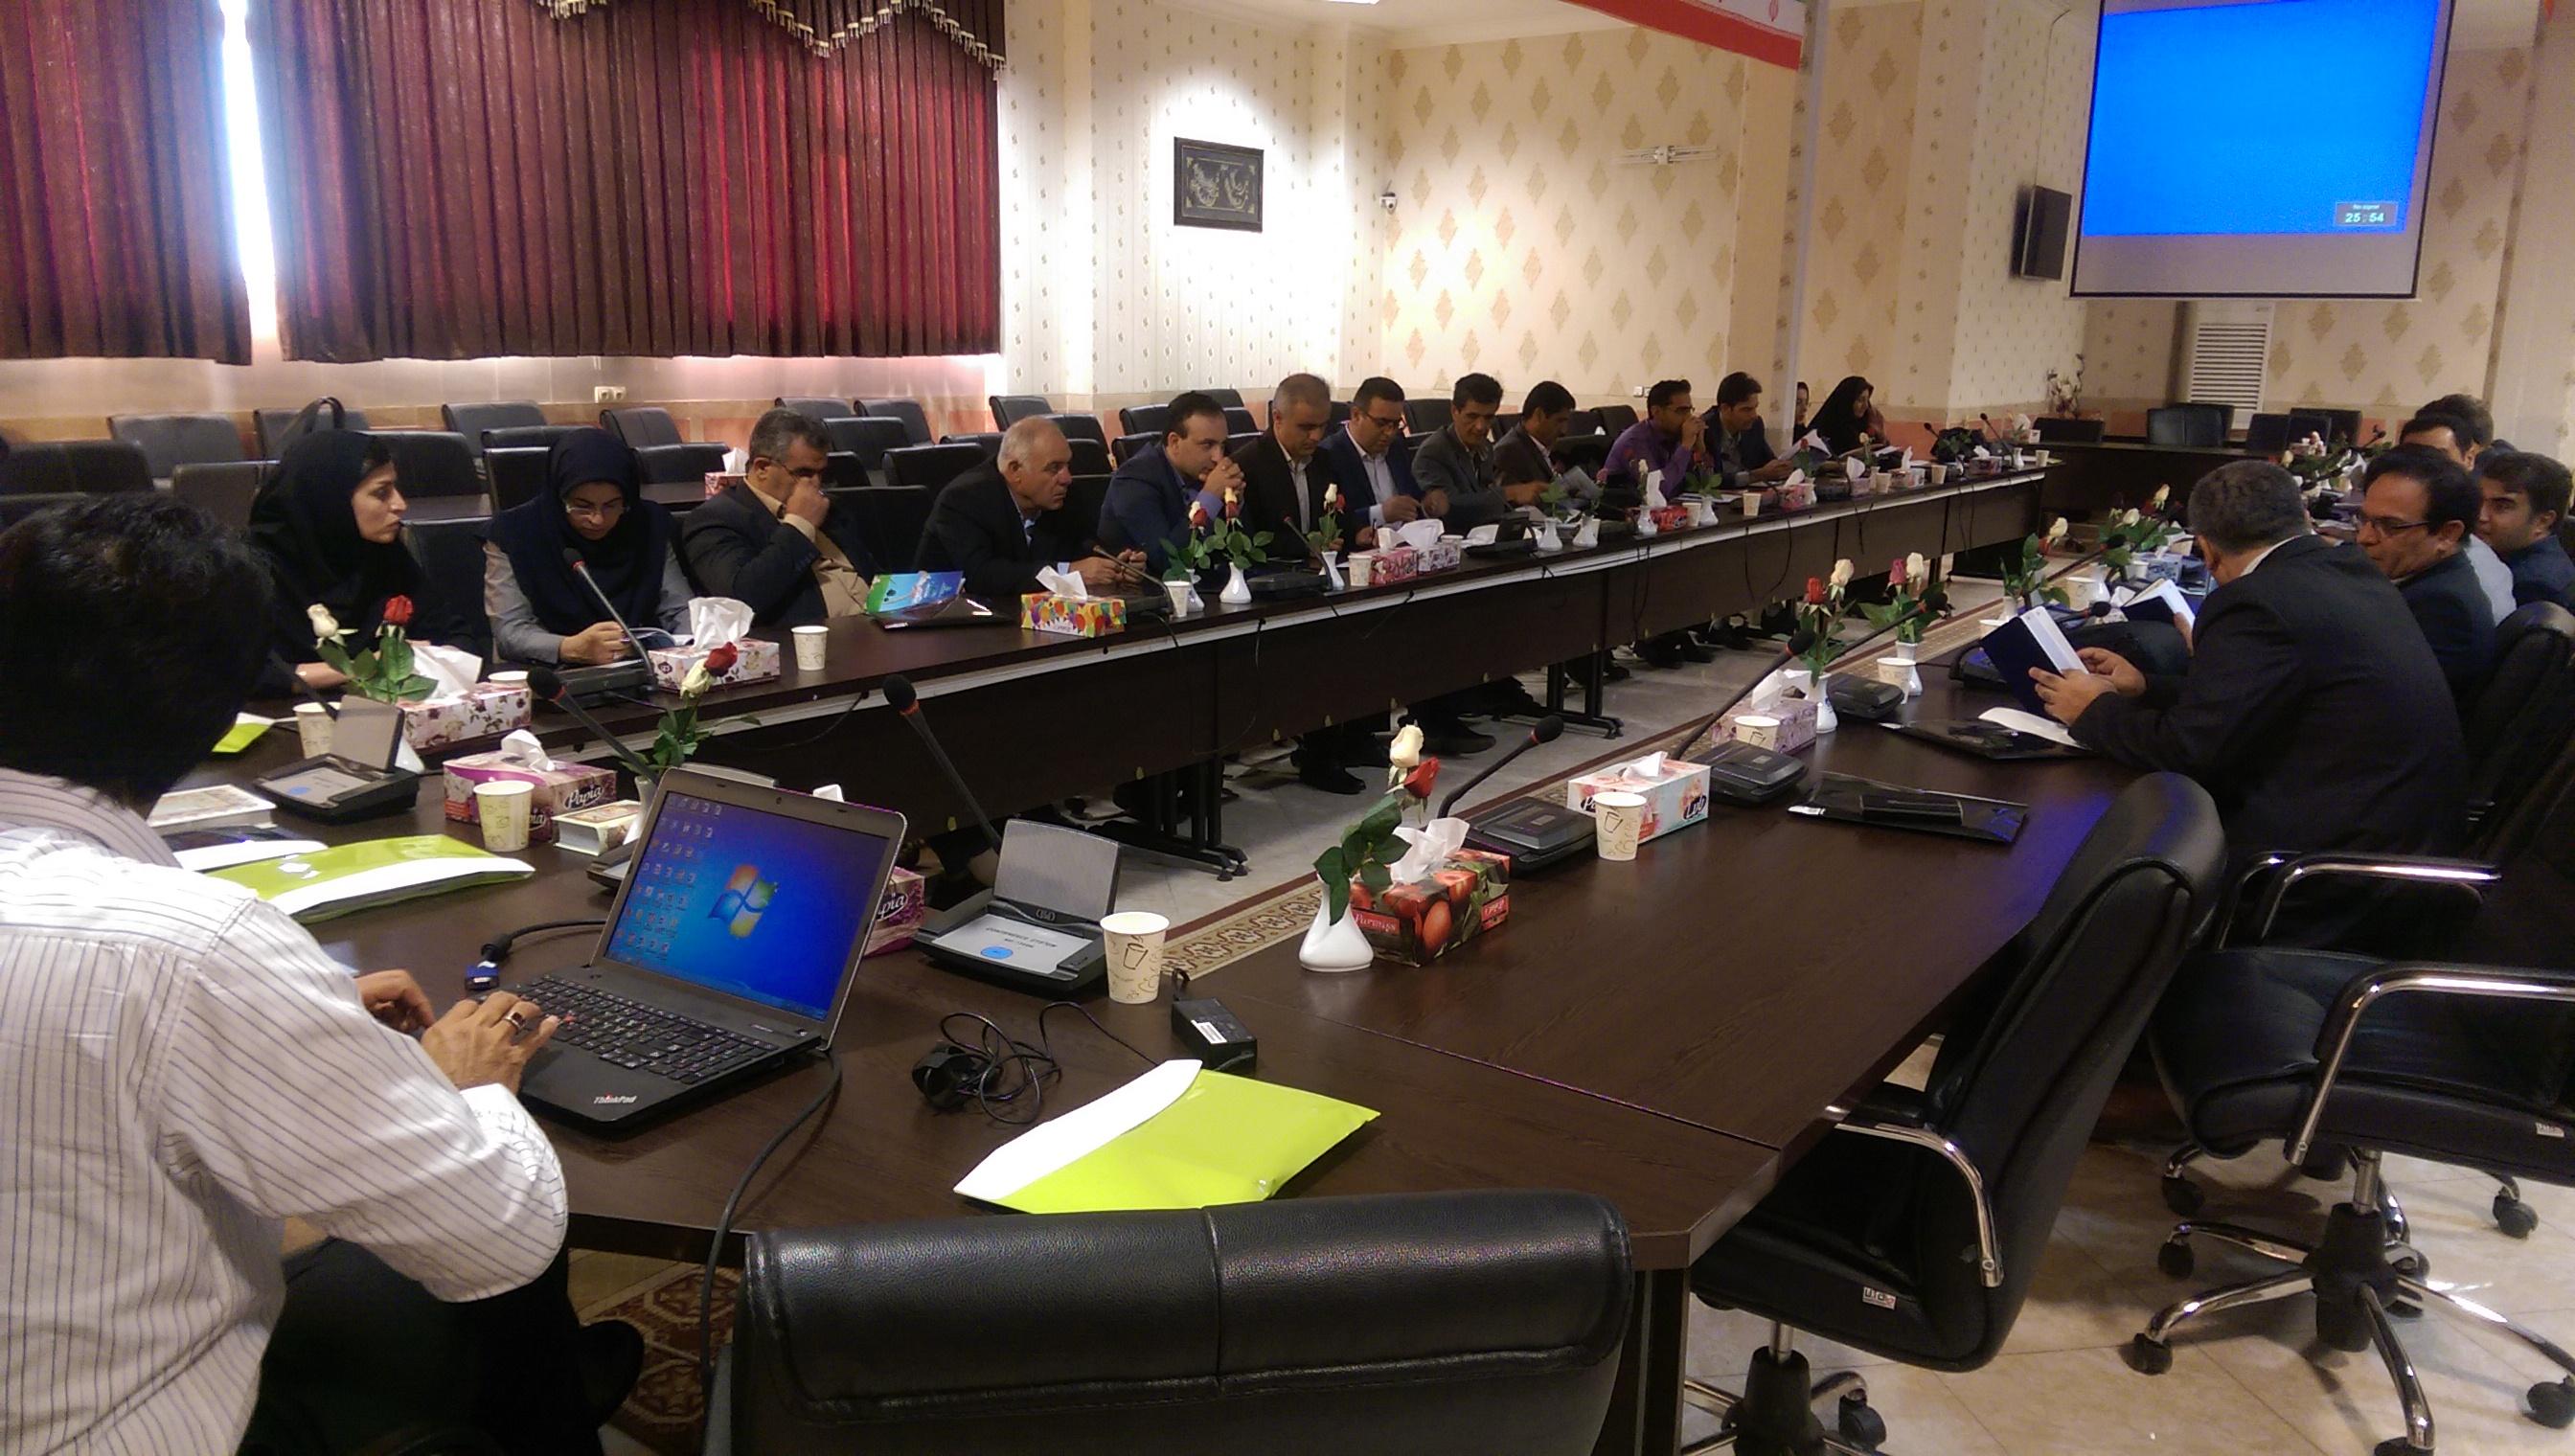 نشست برنامه ریزی اجرای برنامه های مدیریت جامع تالاب های کشور، دبیرخانه های مدیریت زیست بومی